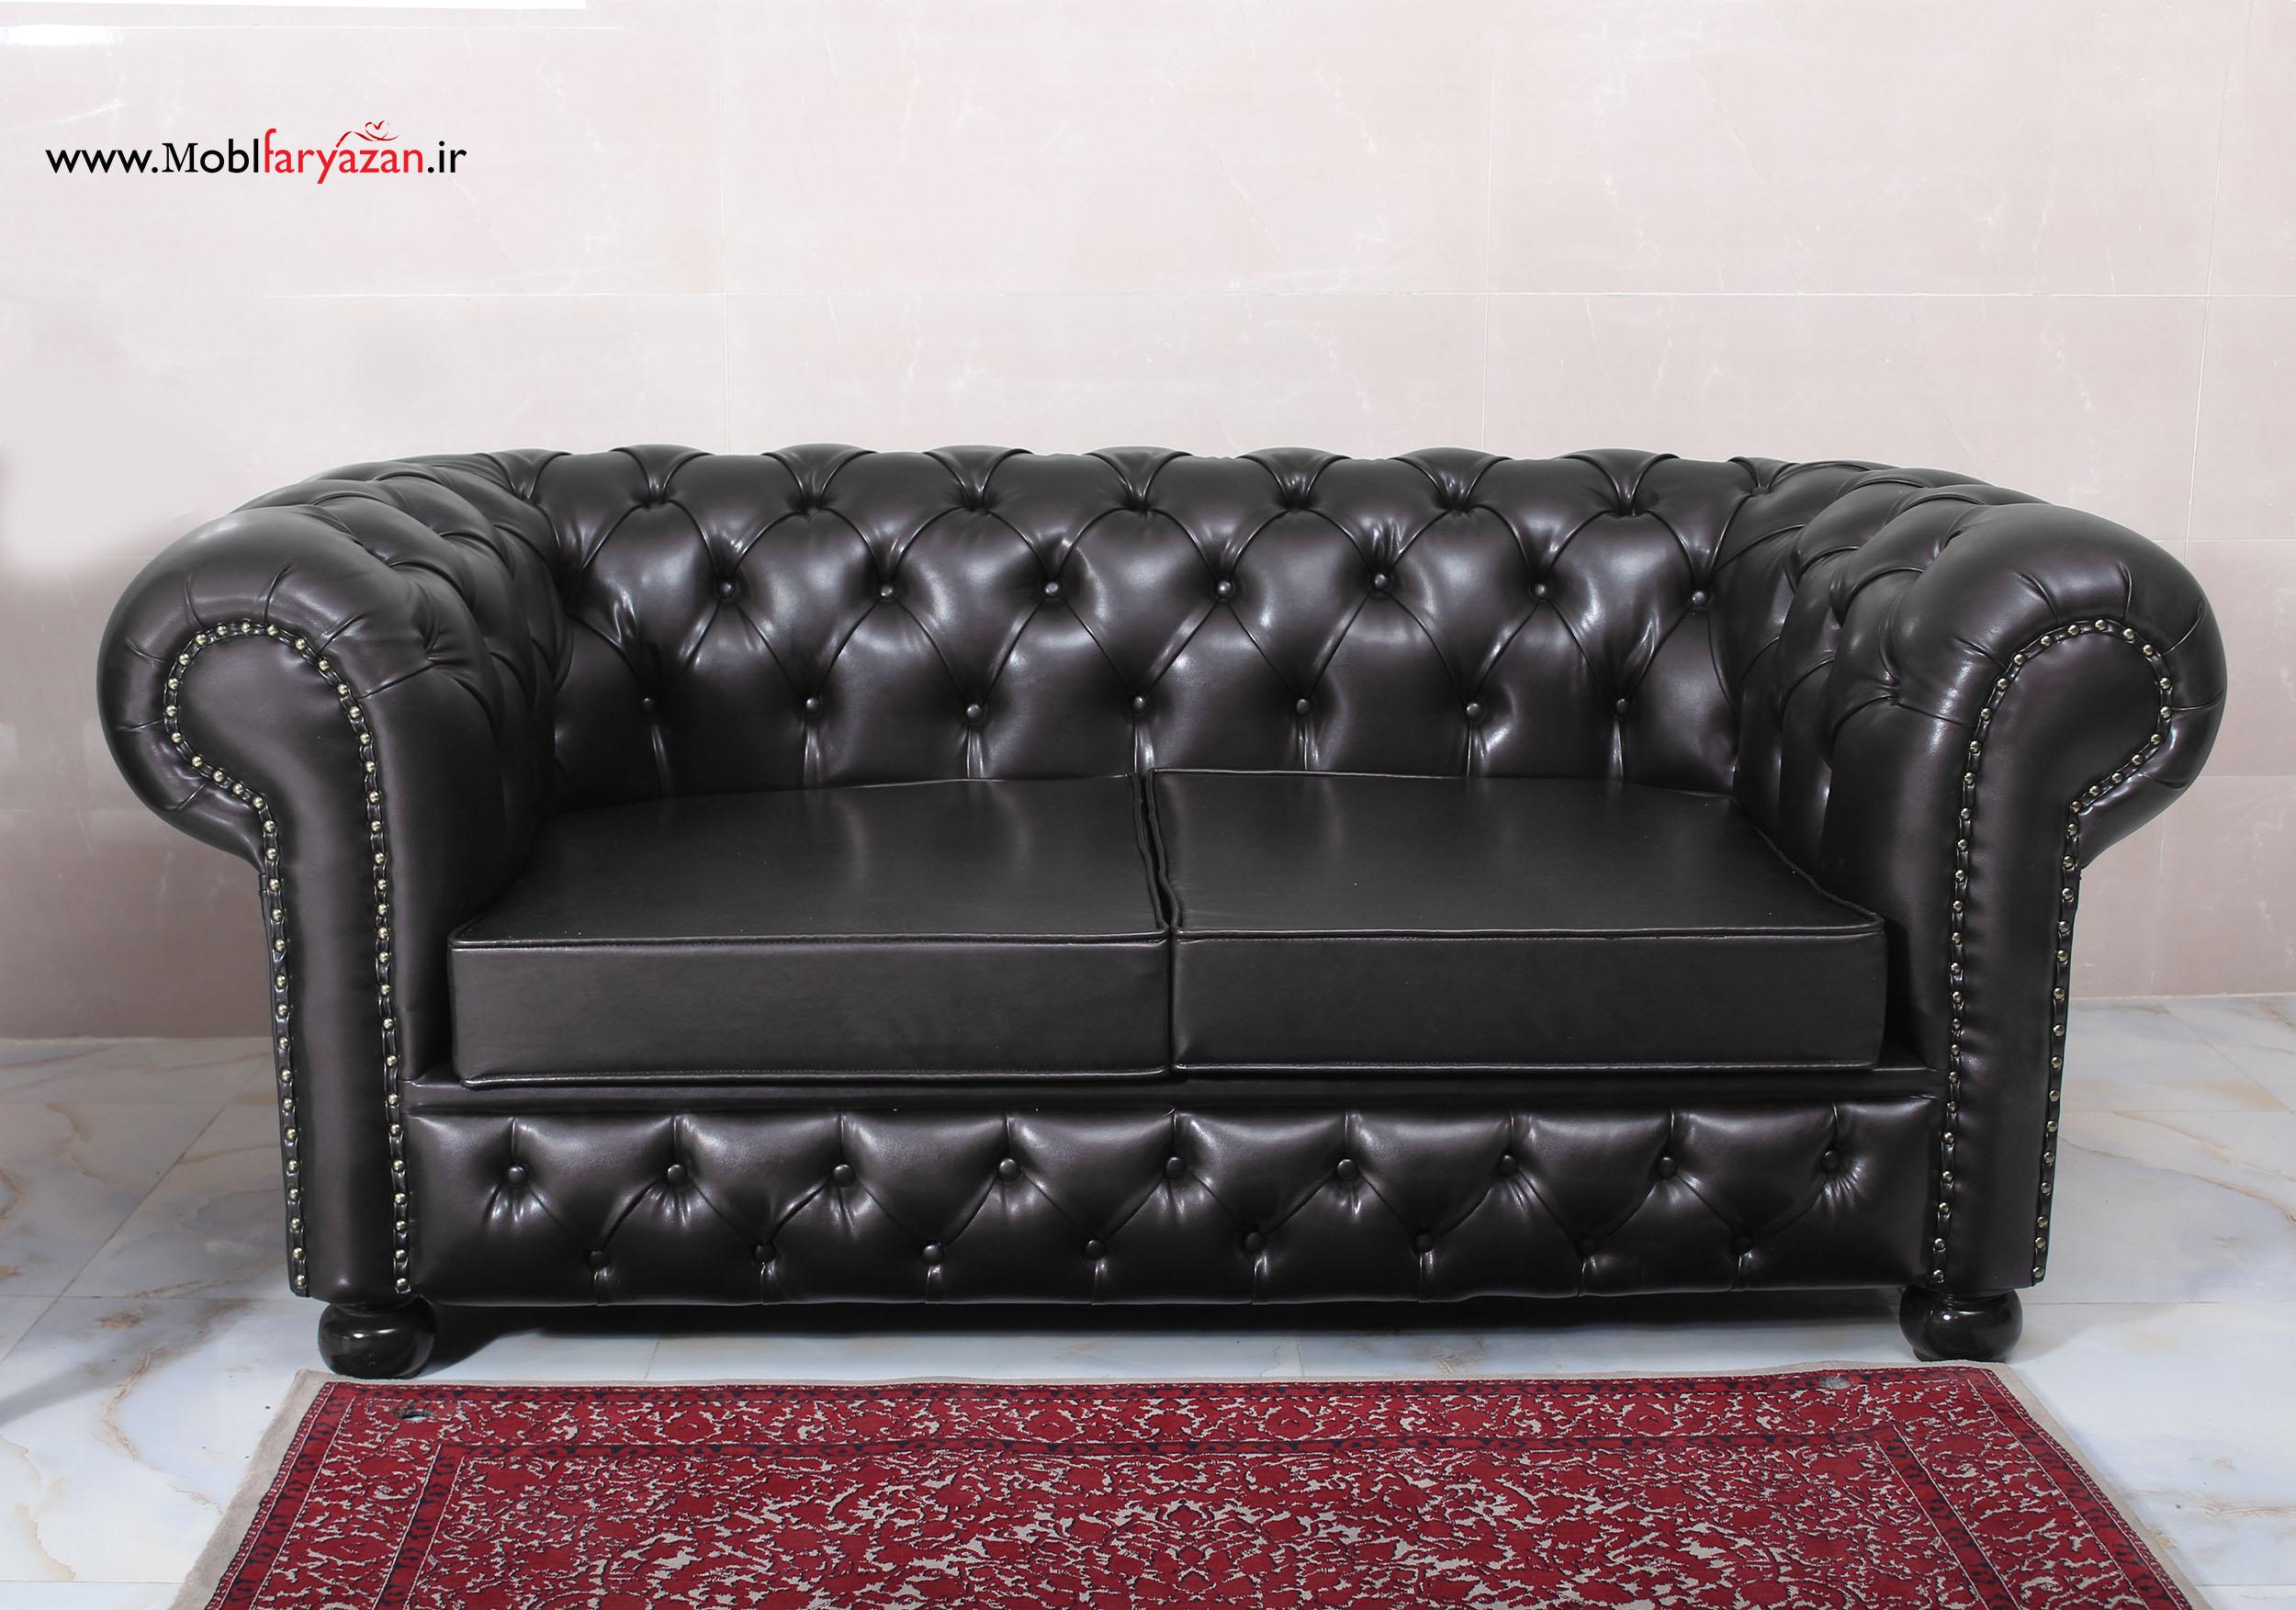 کاناپه دو نفره چستر با رنگ مشکی